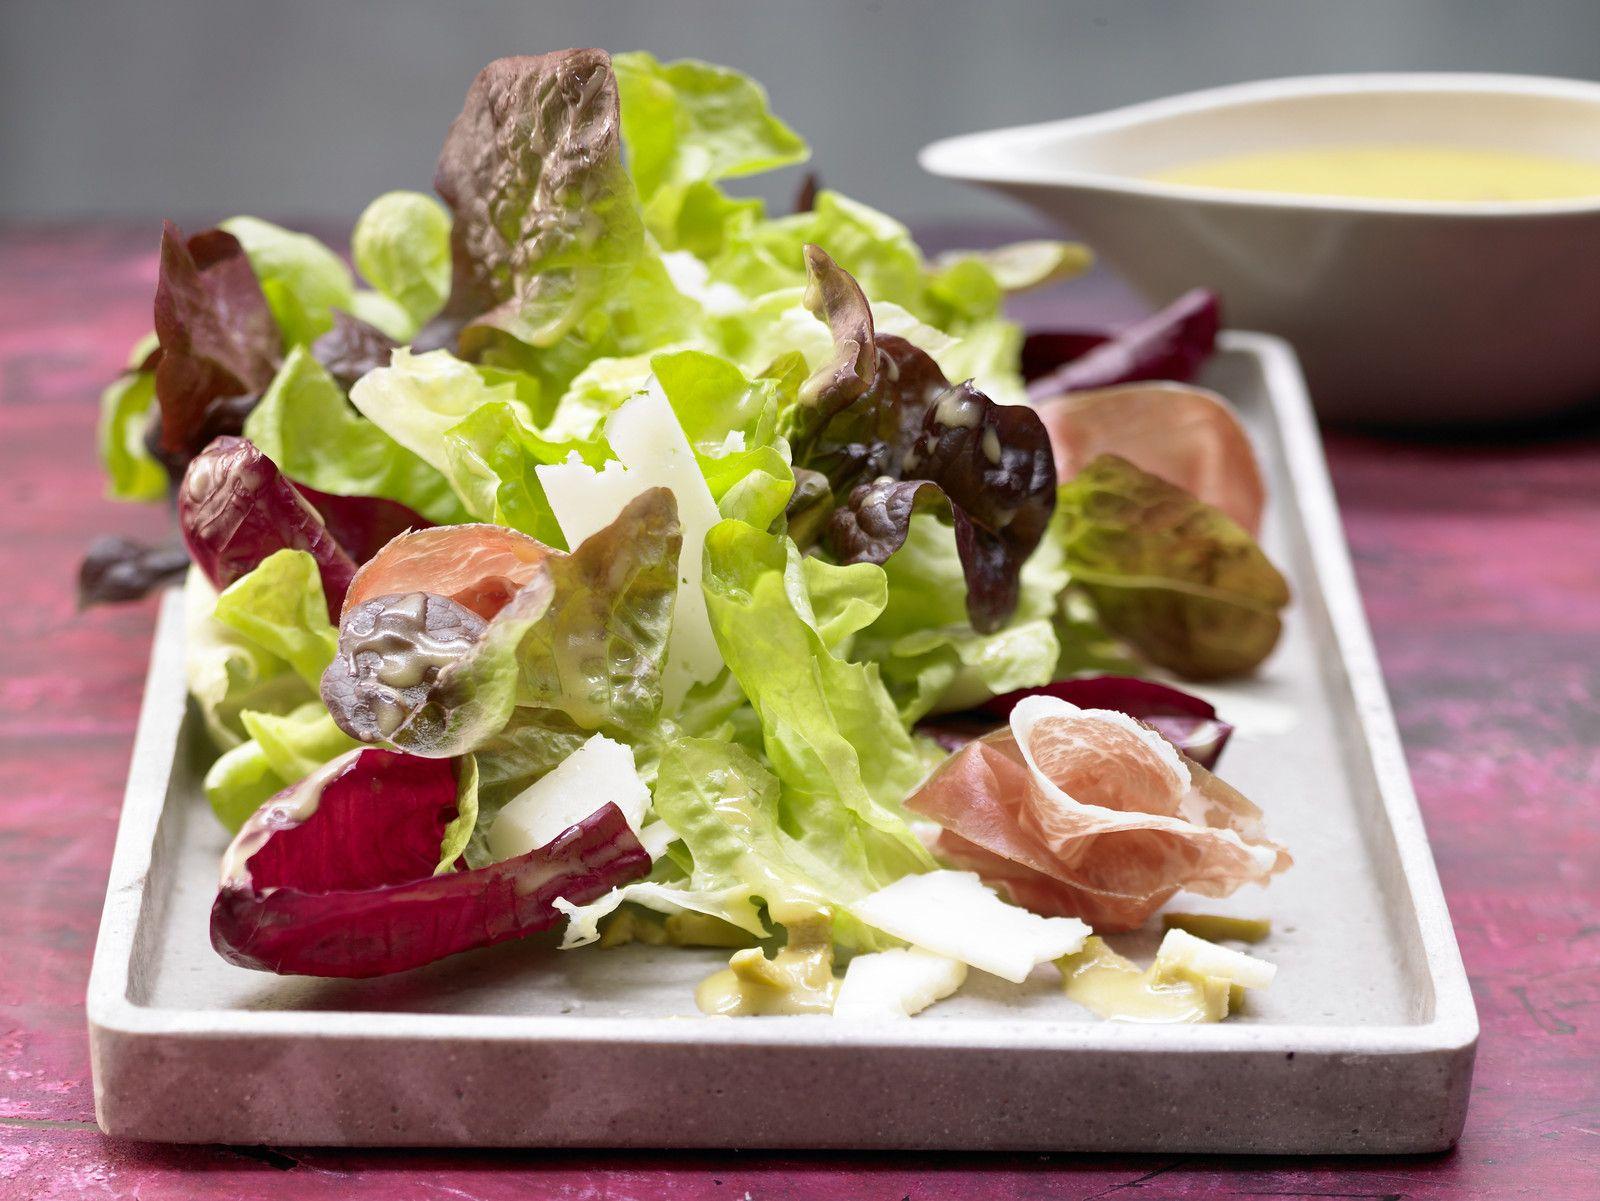 rezepte tolle salate gesundes essen und rezepte foto blog. Black Bedroom Furniture Sets. Home Design Ideas